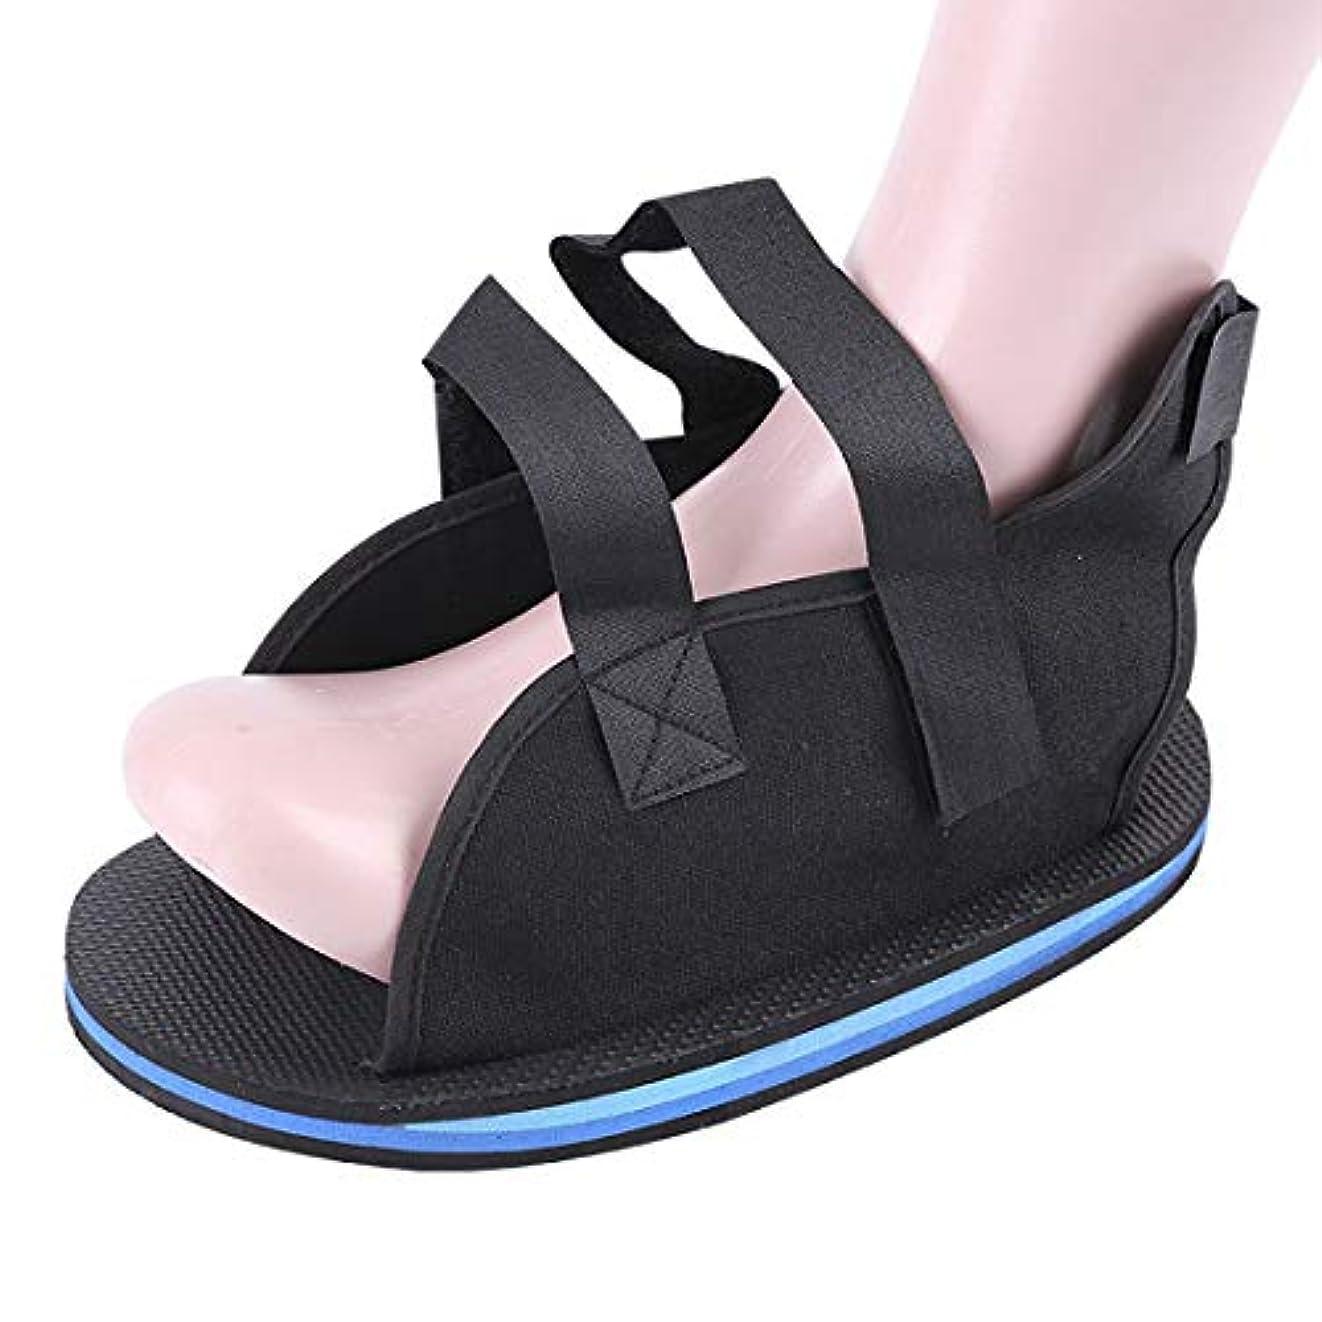 雇ったホステルポップ医療足骨折石膏の回復靴の手術後のつま先の靴を安定化骨折の靴を調整可能なファスナーで完全なカバー,XS20cm